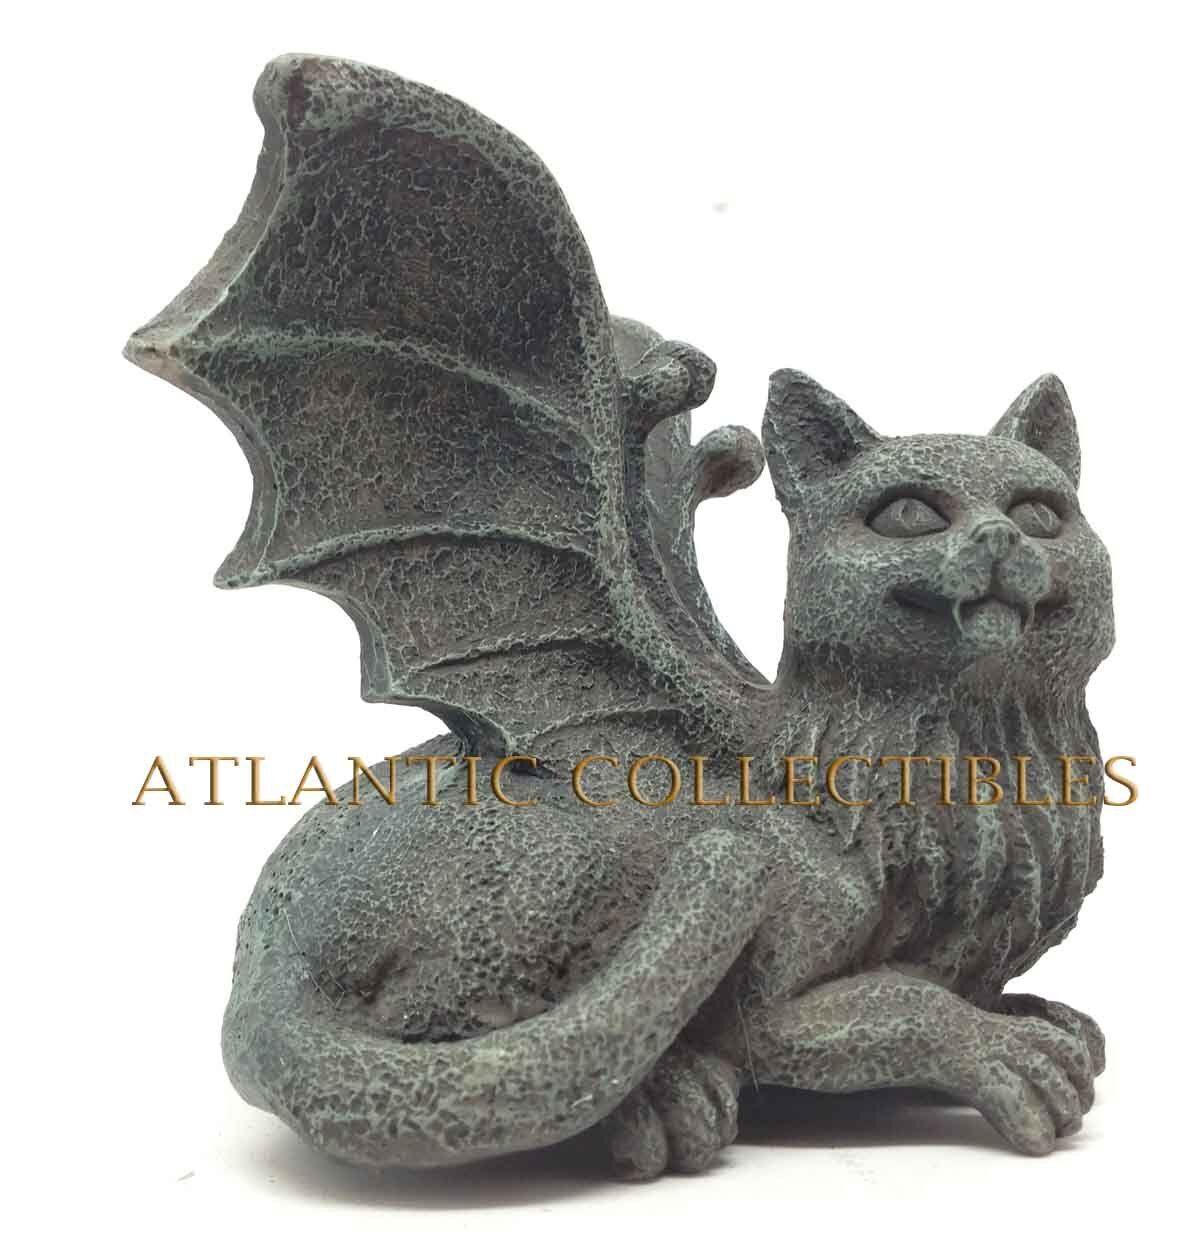 Medieval decorative figurine statue eagle winged cat gargoyle desktop